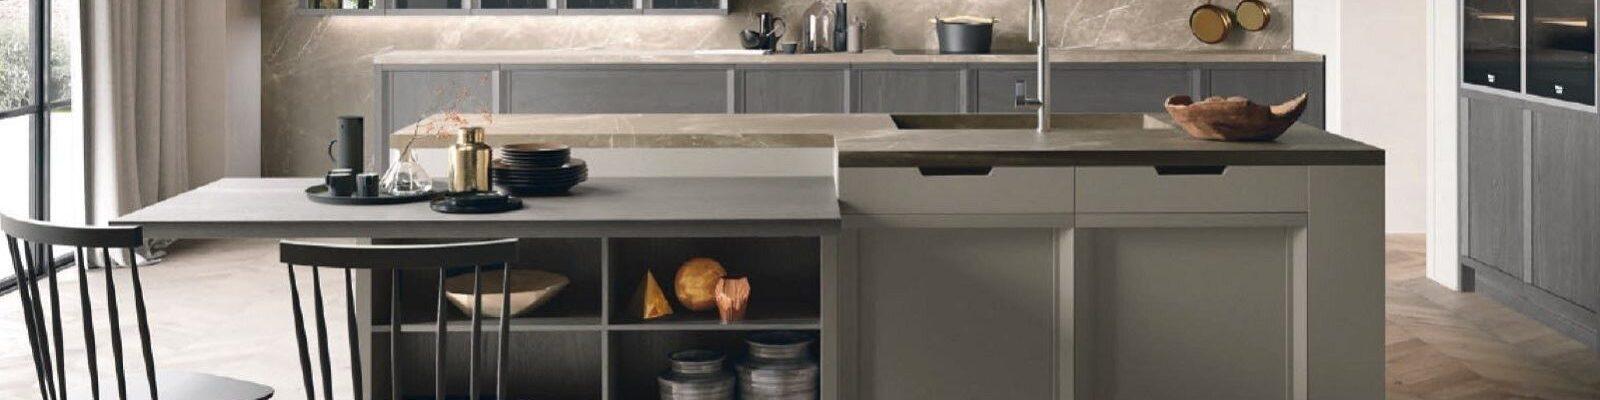 Acquista la tua cucina Stosa a Tasso Zero 24 mesi e Zero Costi!